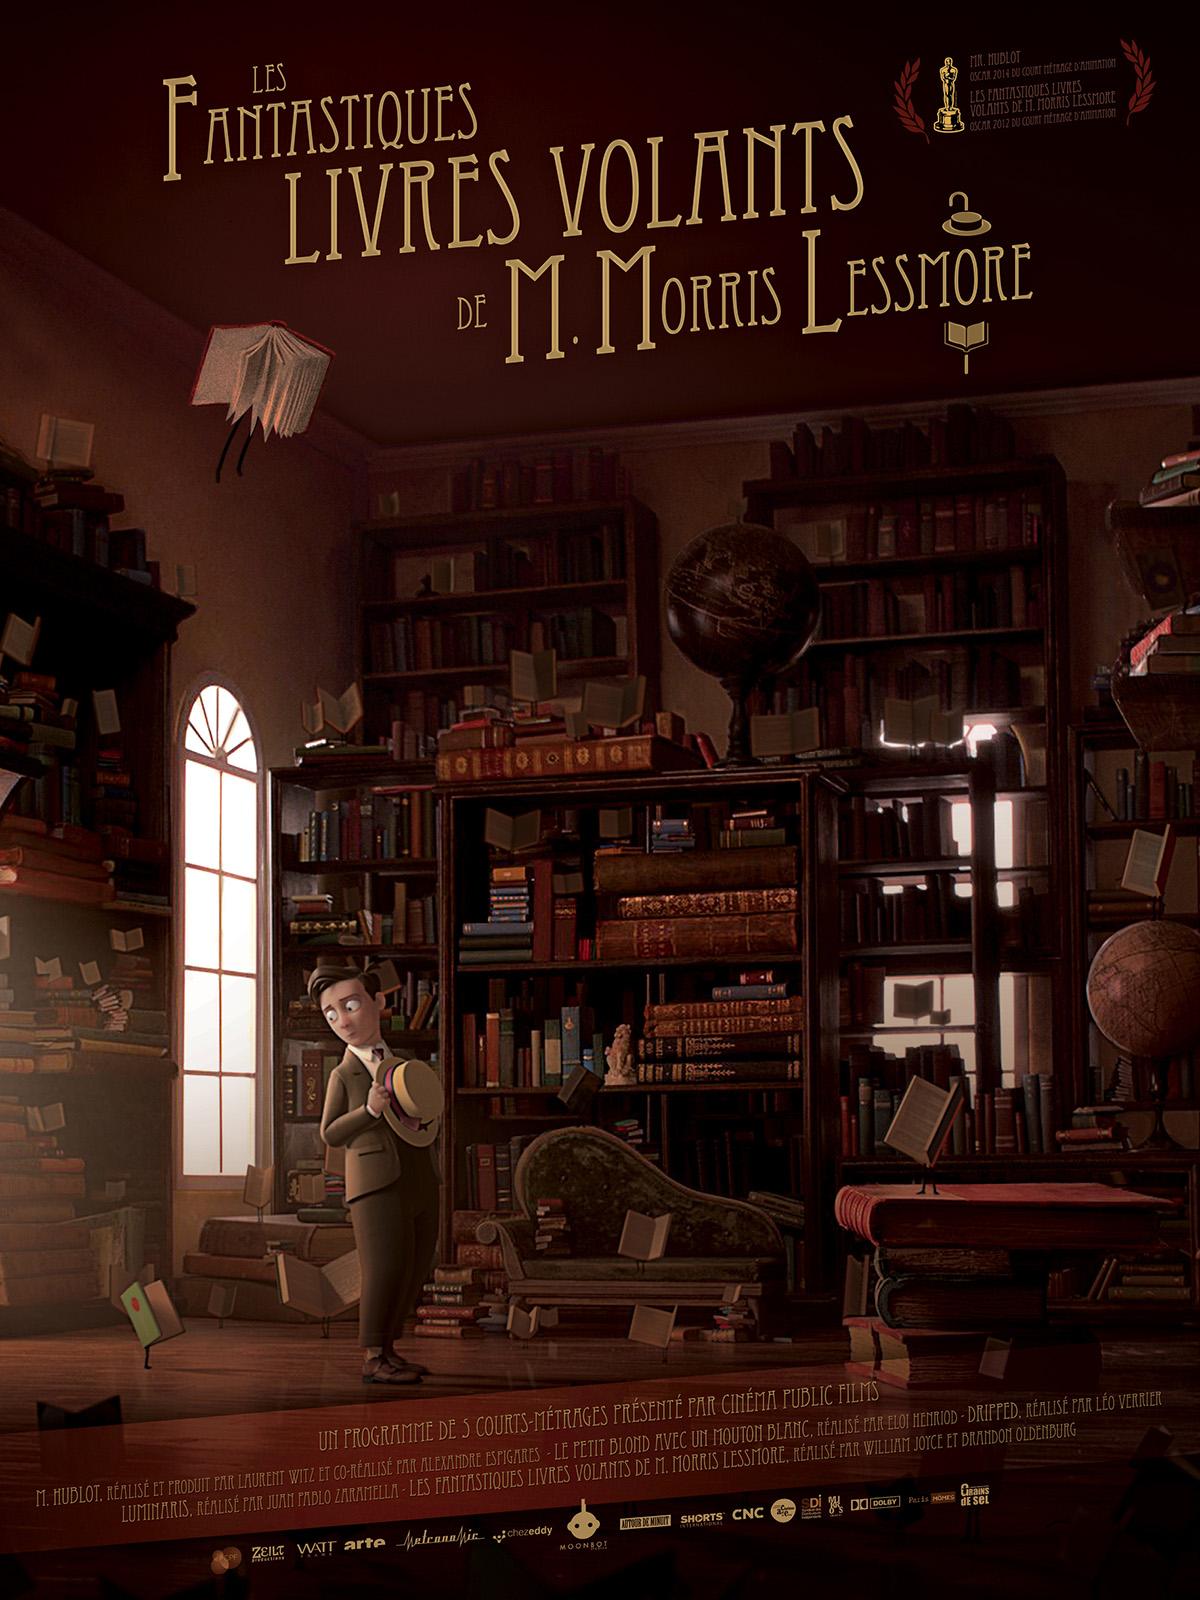 ... livres volants de M. Morris Lessmore - film 2011 - AlloCiné